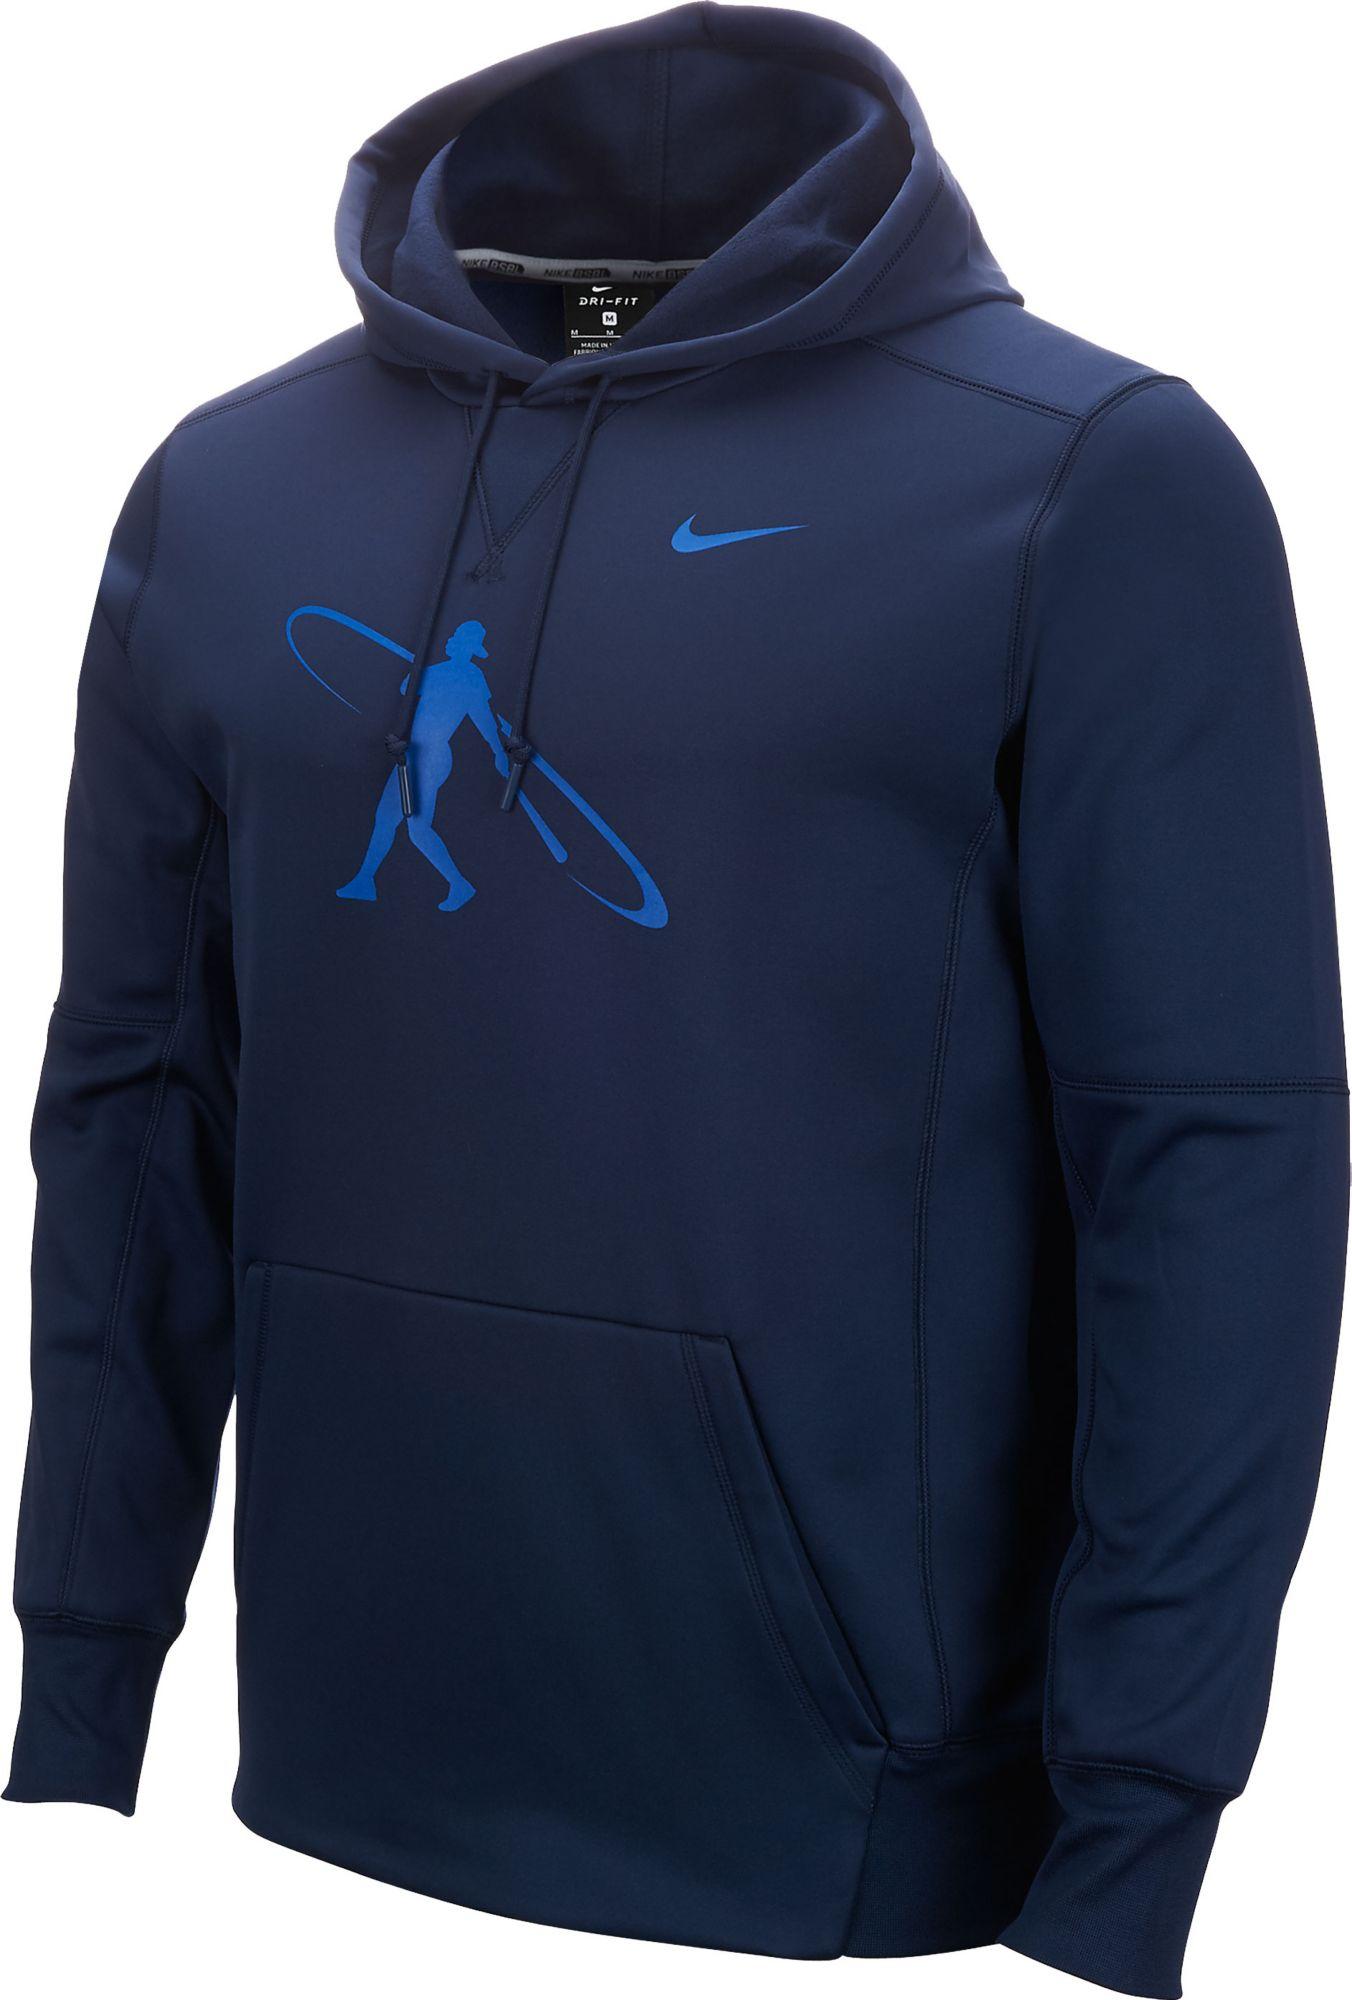 Nike jacket baseball - Product Image Nike Men S Swingman Baseball Hoodie